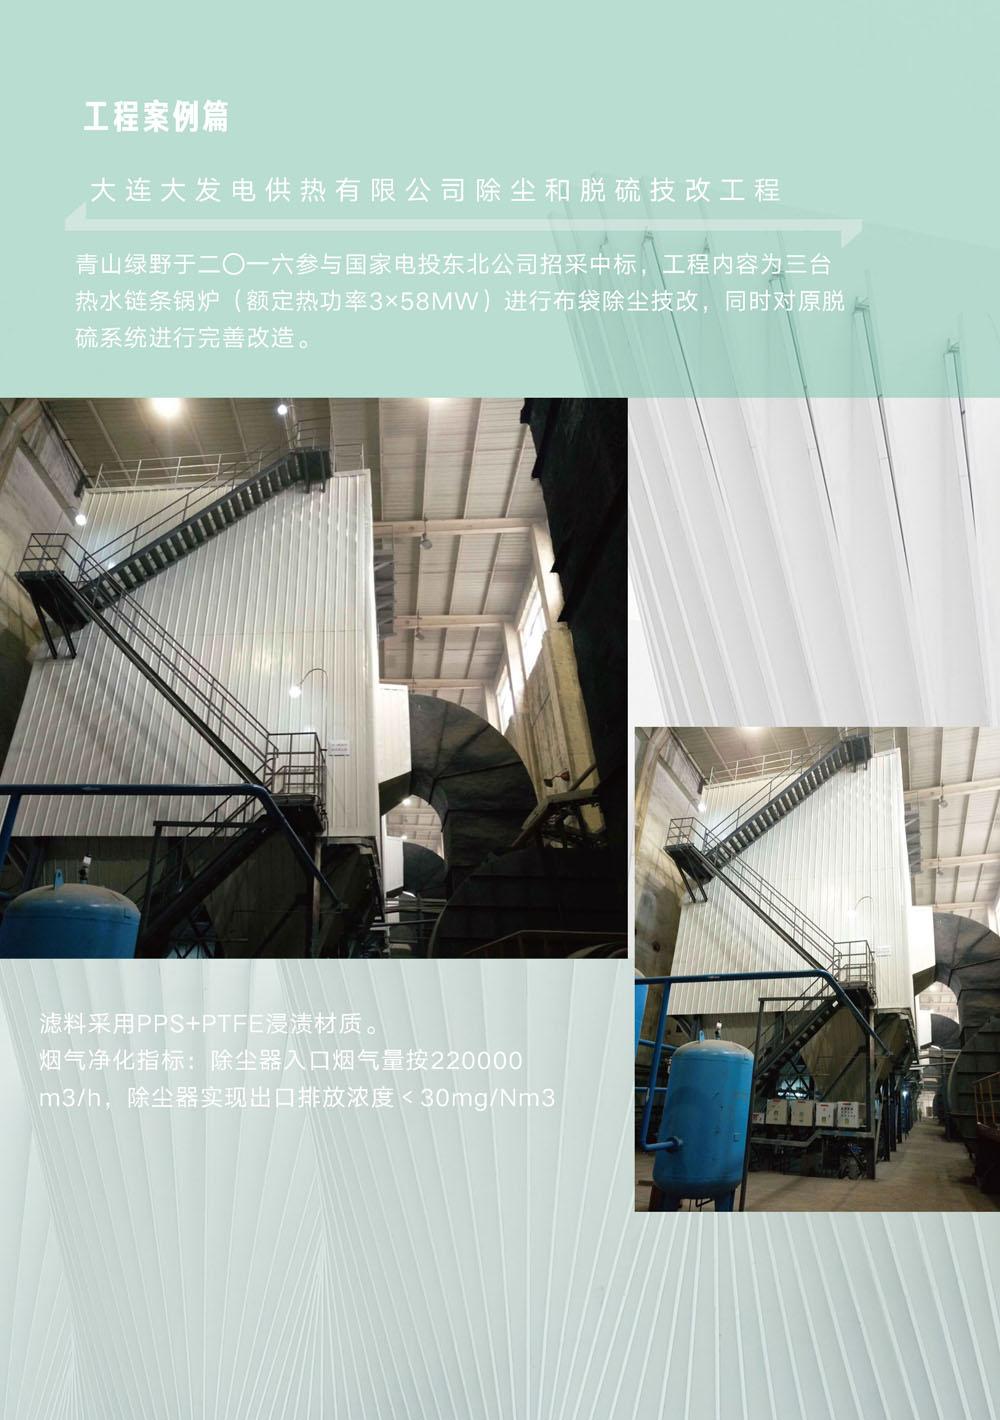 大连大发电供热有限公司南沙锅炉房烟气除尘及脱硫技改总包工程